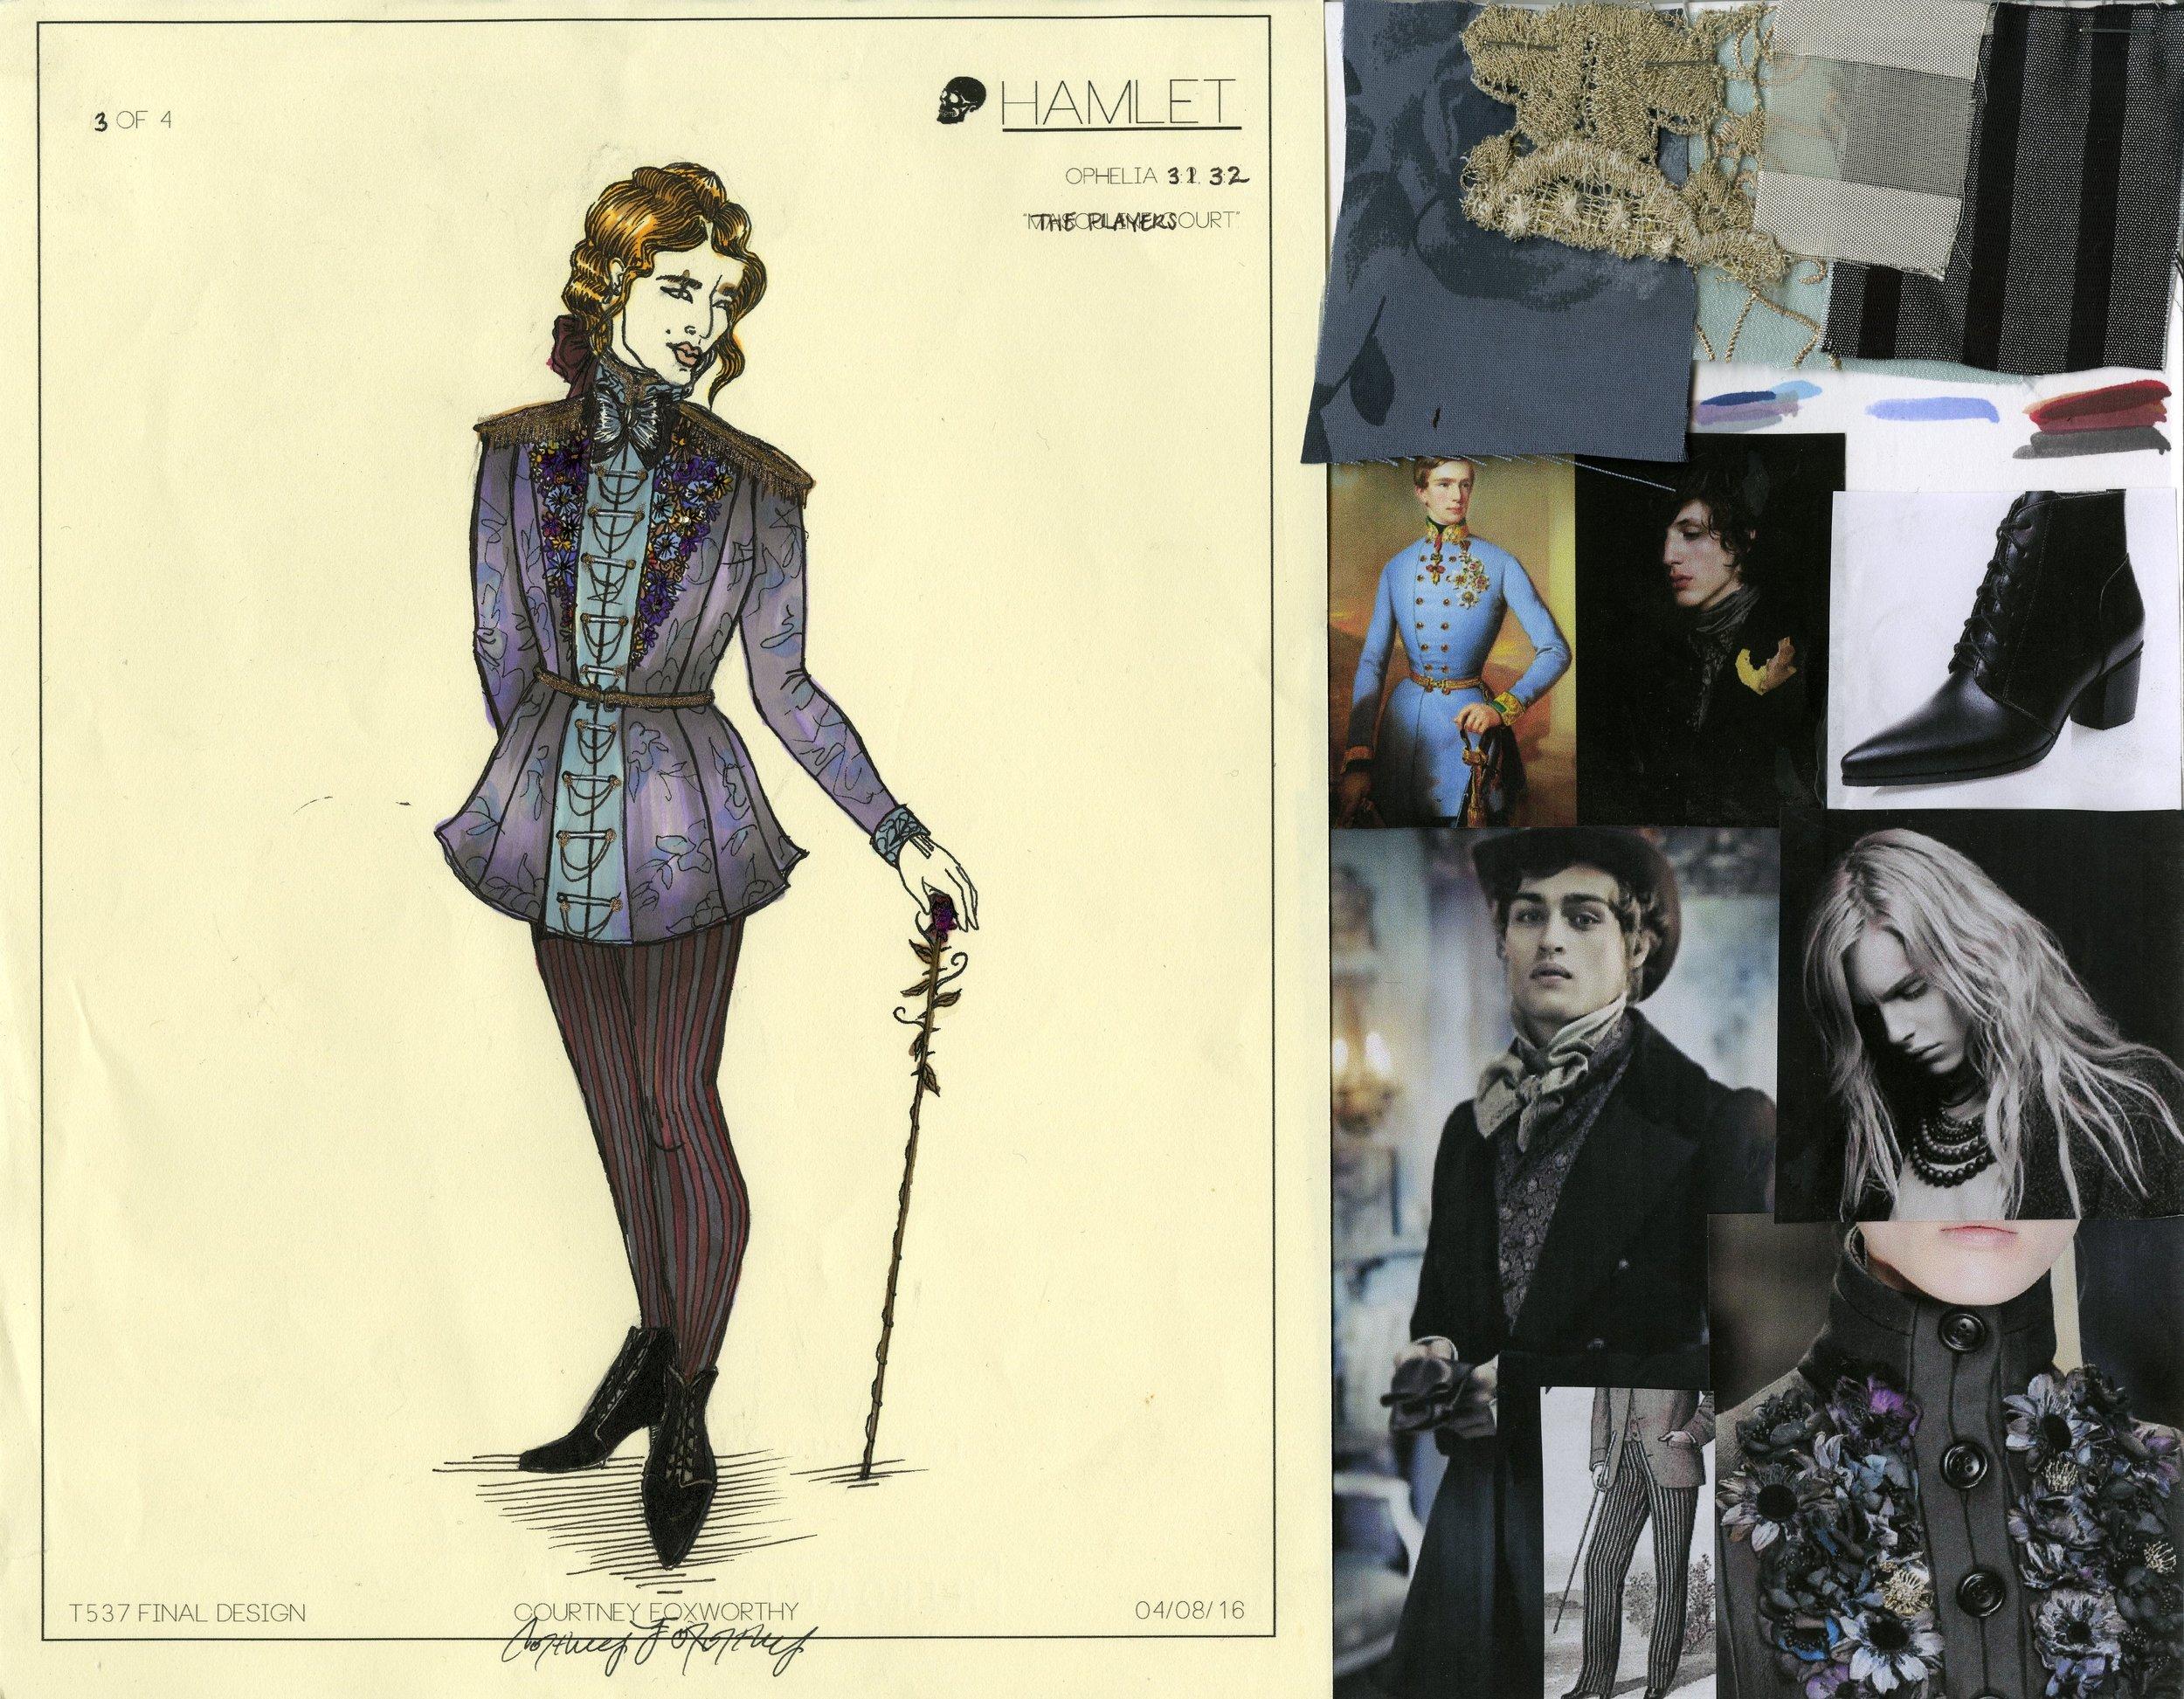 Ophelia Look: 3